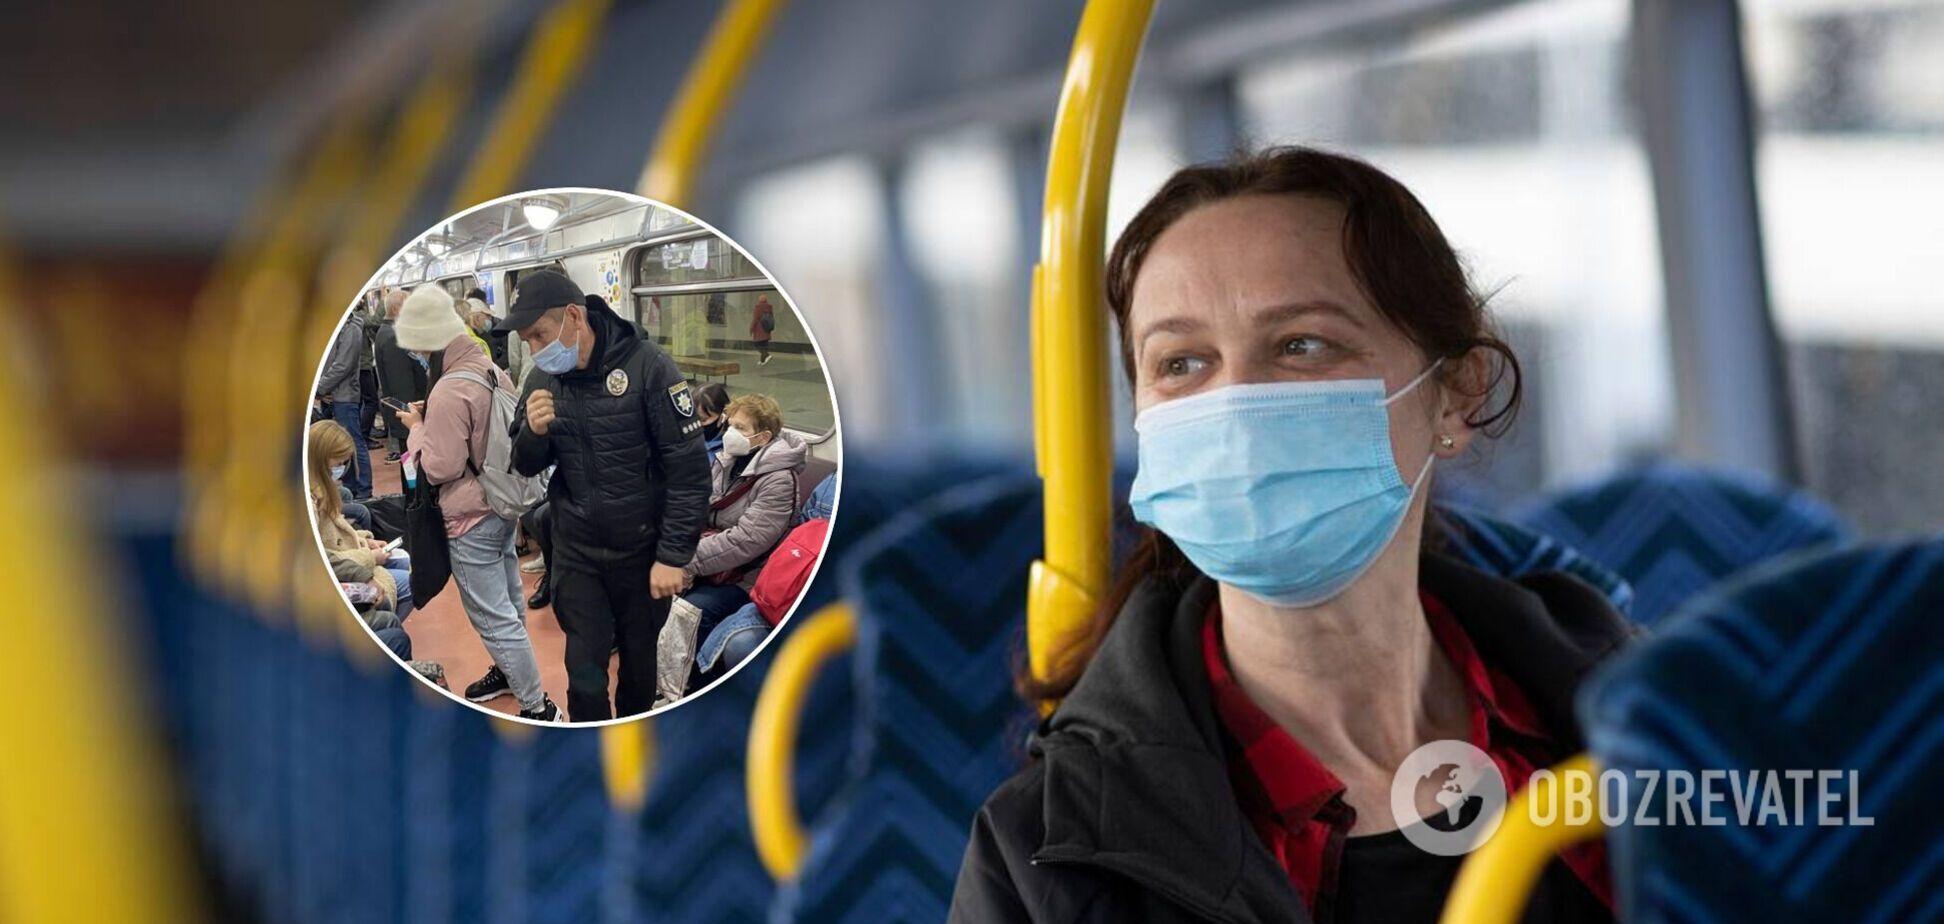 У Харкові ввели додатковий контроль у громадському транспорті через спалах COVID-19